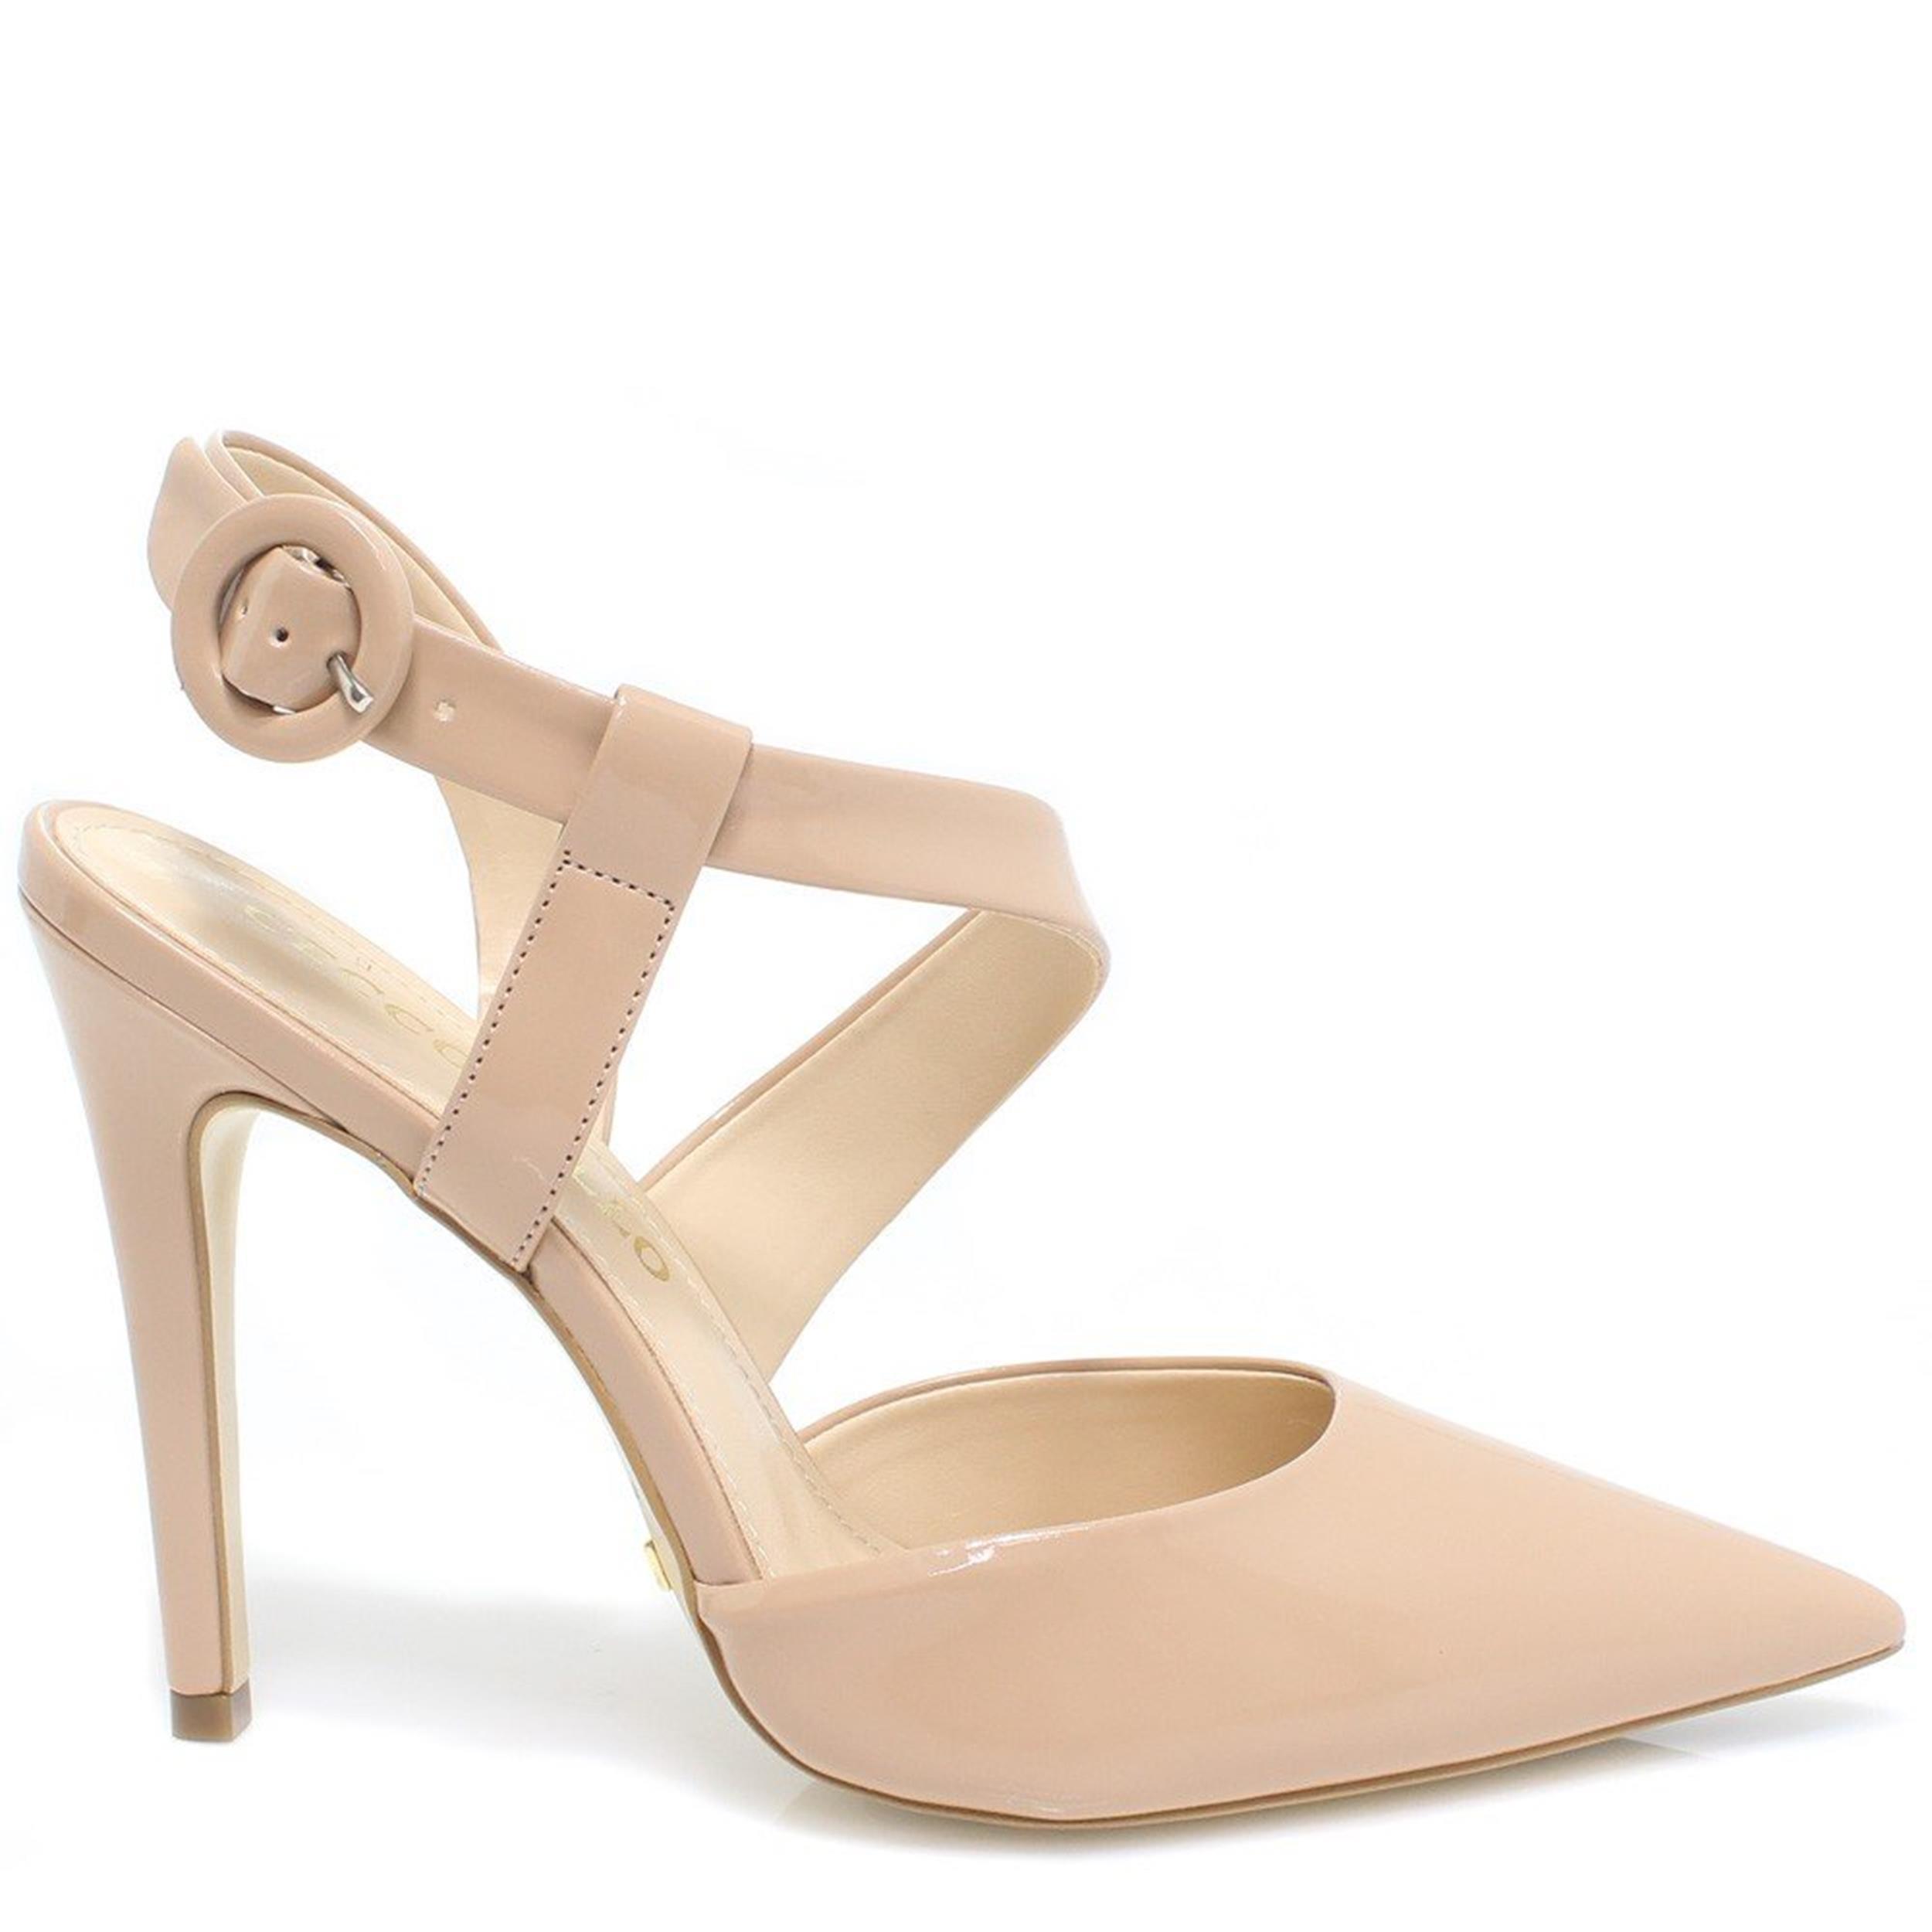 746e19170 Sapato Cecconello Chanel Fivela